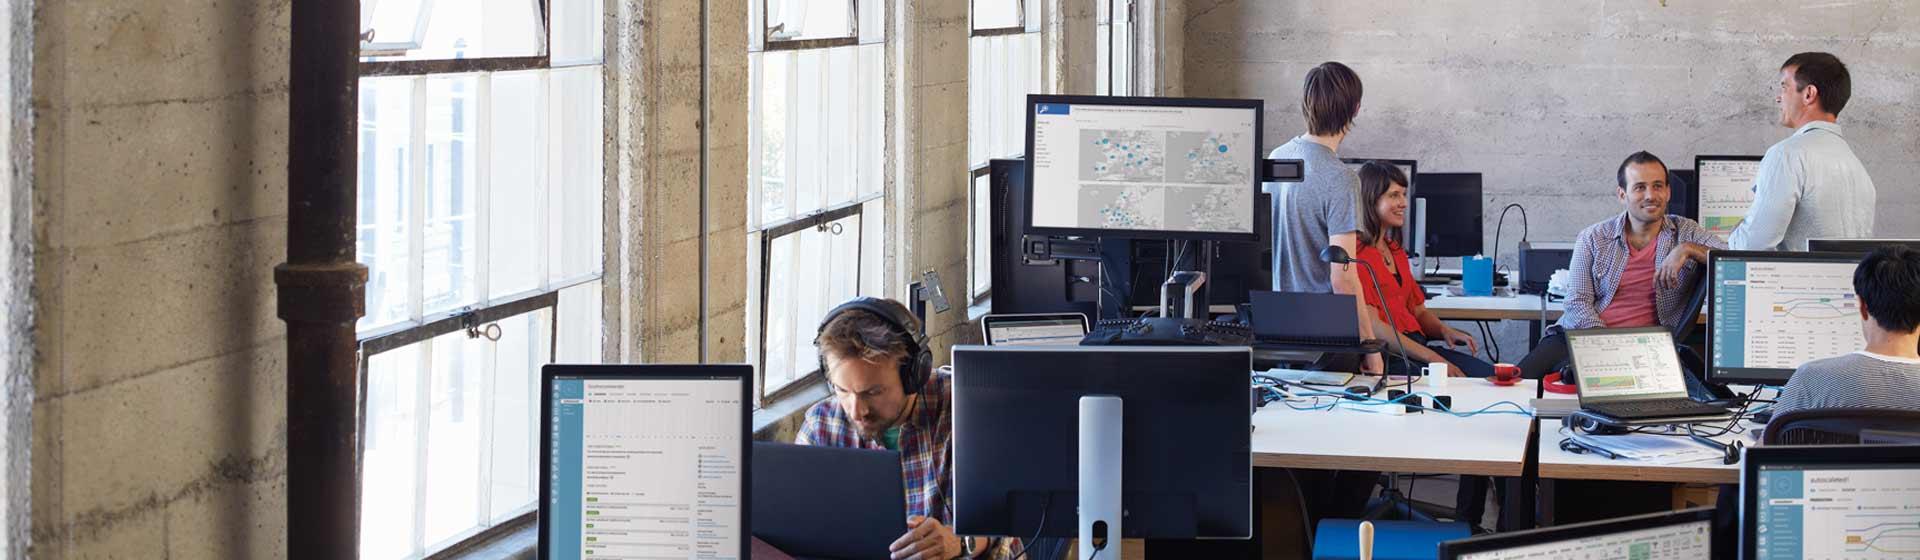 Група колег сидячи та стоячи розташувалася навколо своїх столів в офісі з комп'ютерами, на яких запущено Office 365